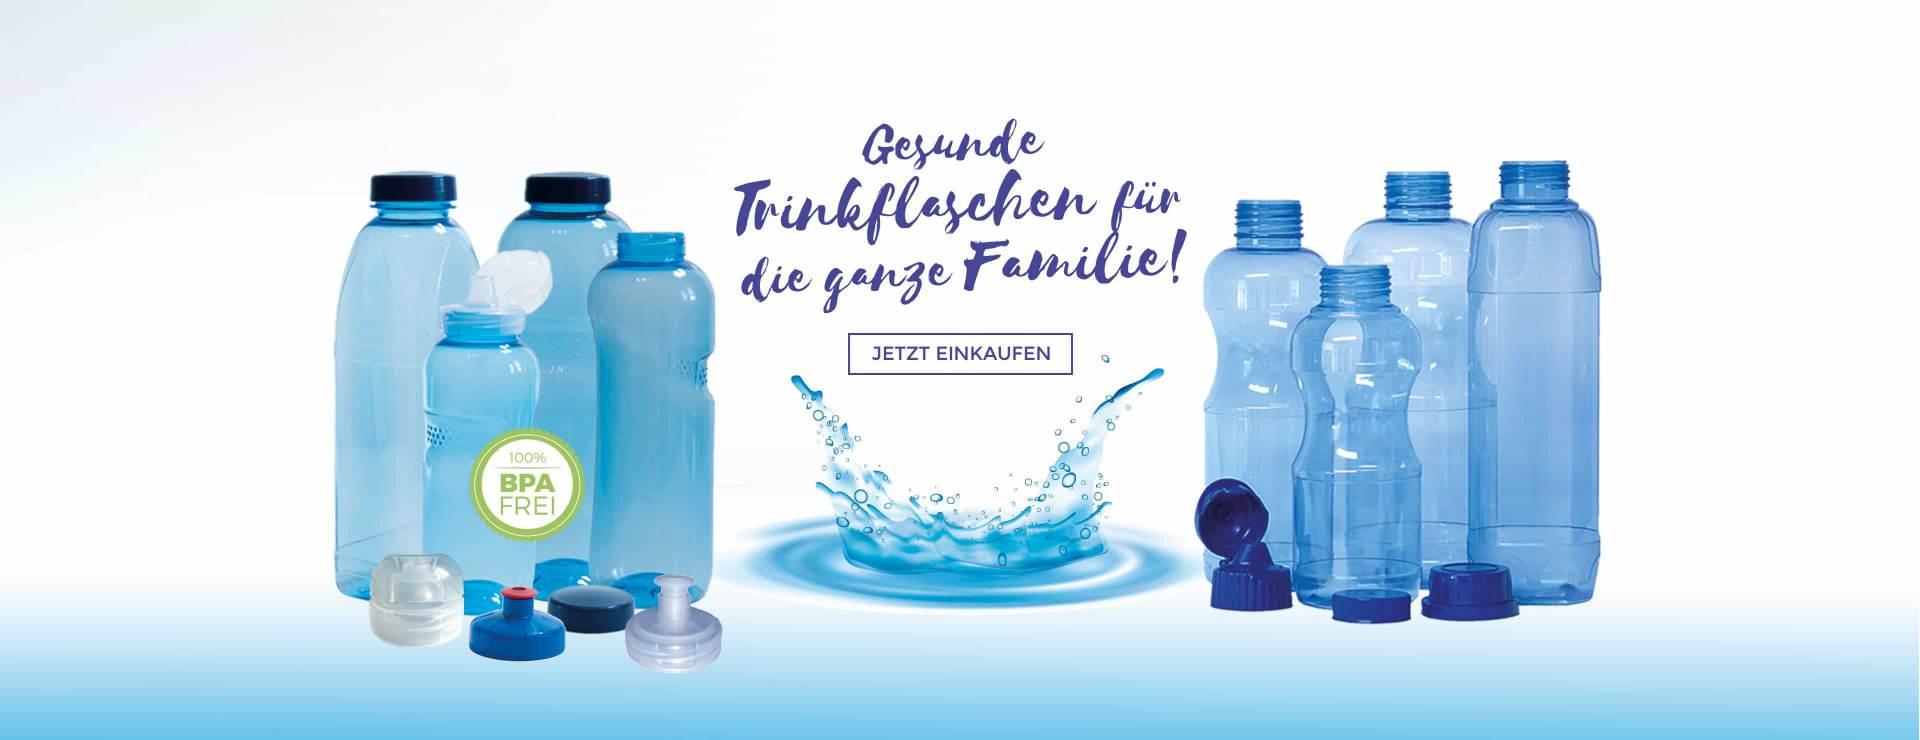 Gesunde Tritan Trinkflaschen